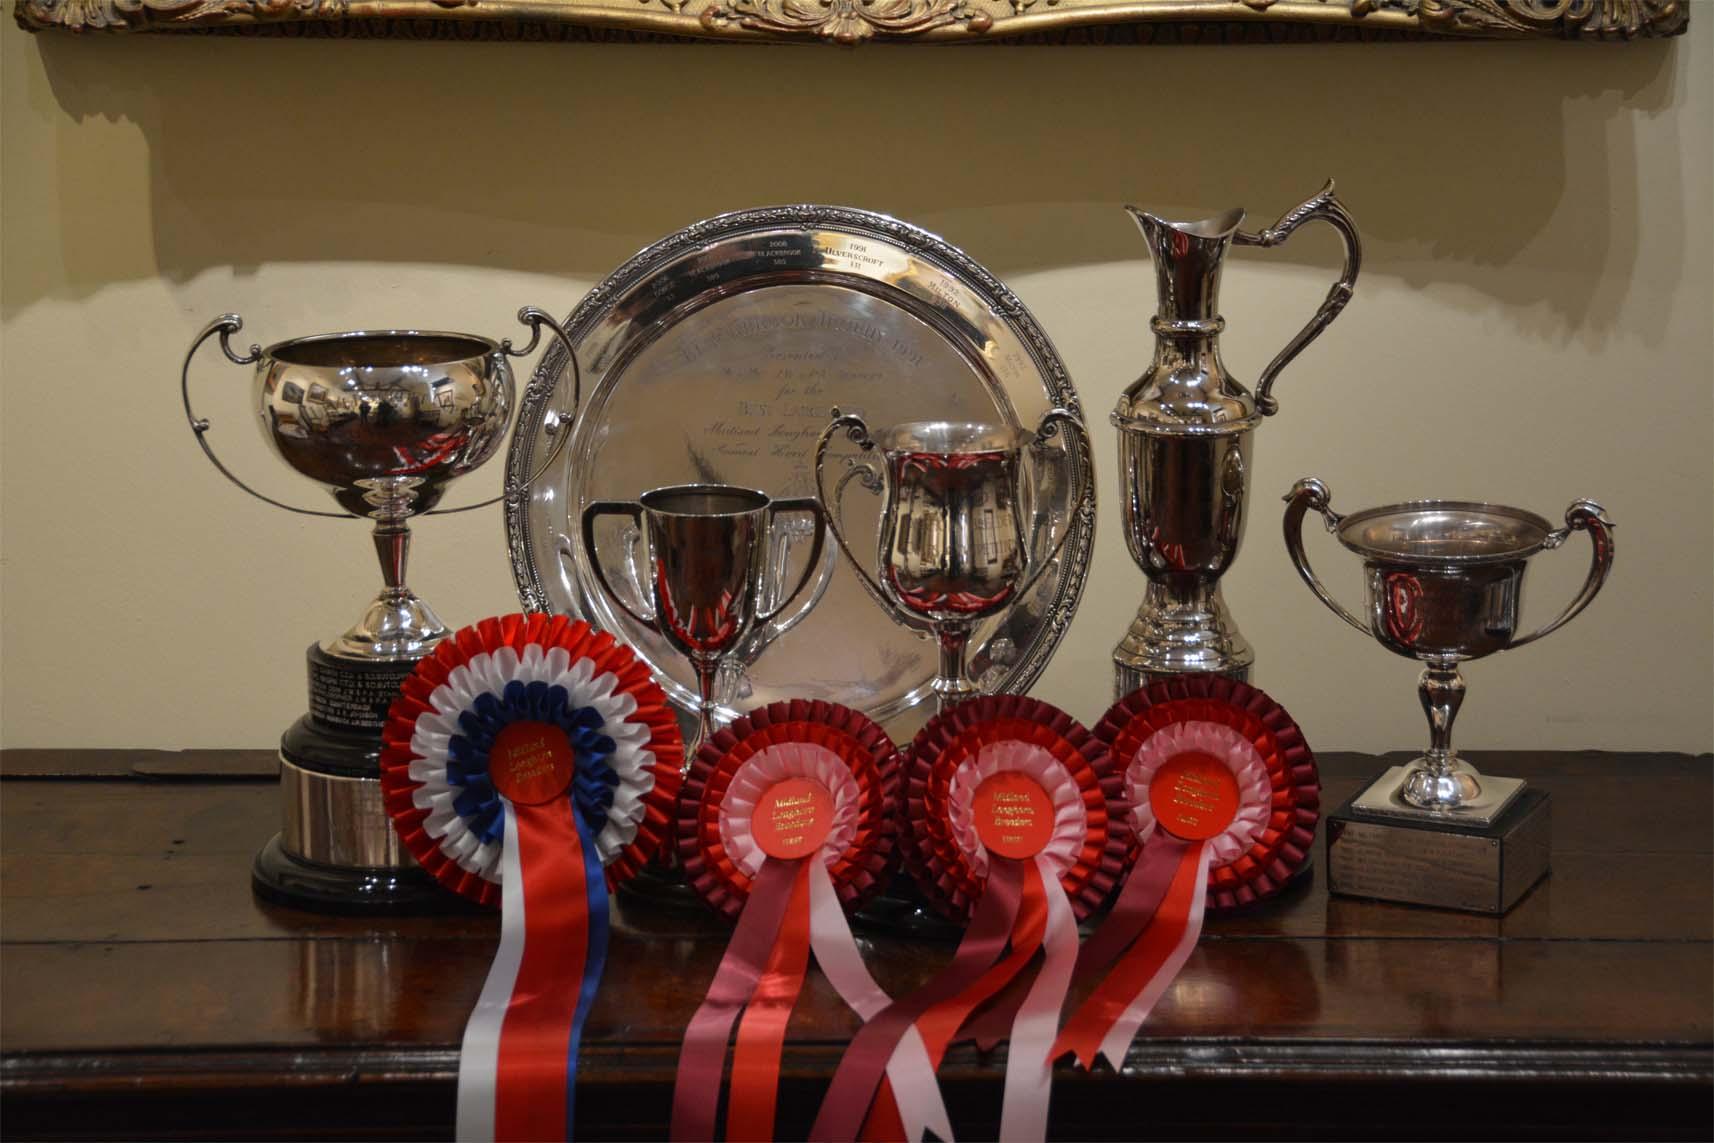 Blackbrook Longhorns Champion Herd Midlands Winner